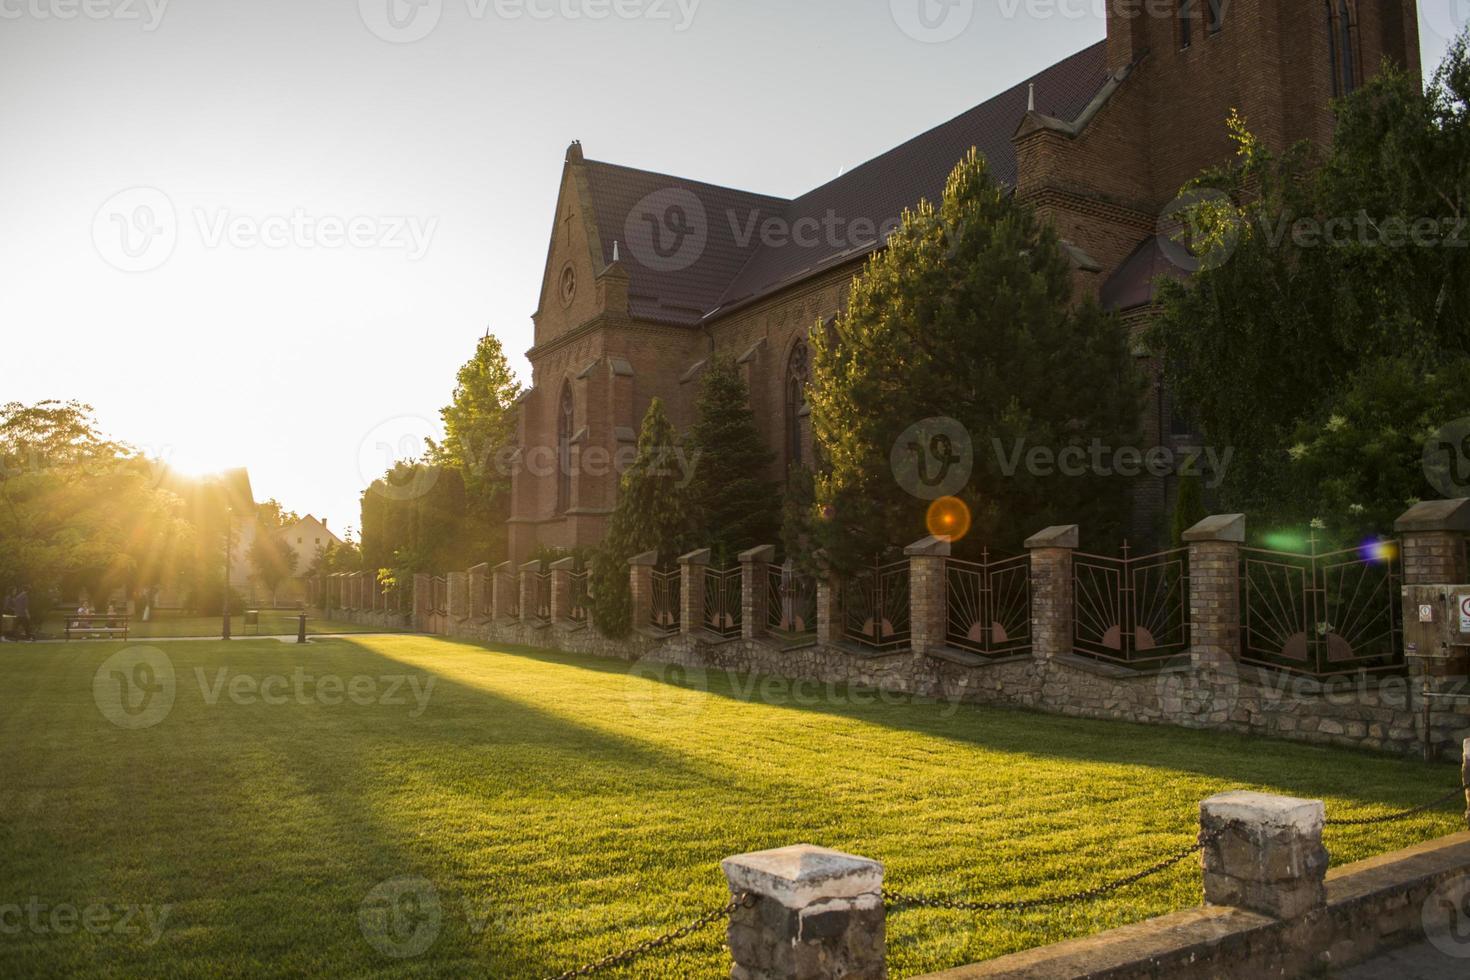 Lichtstrahl in einem grünen Park neben einer Kirche foto